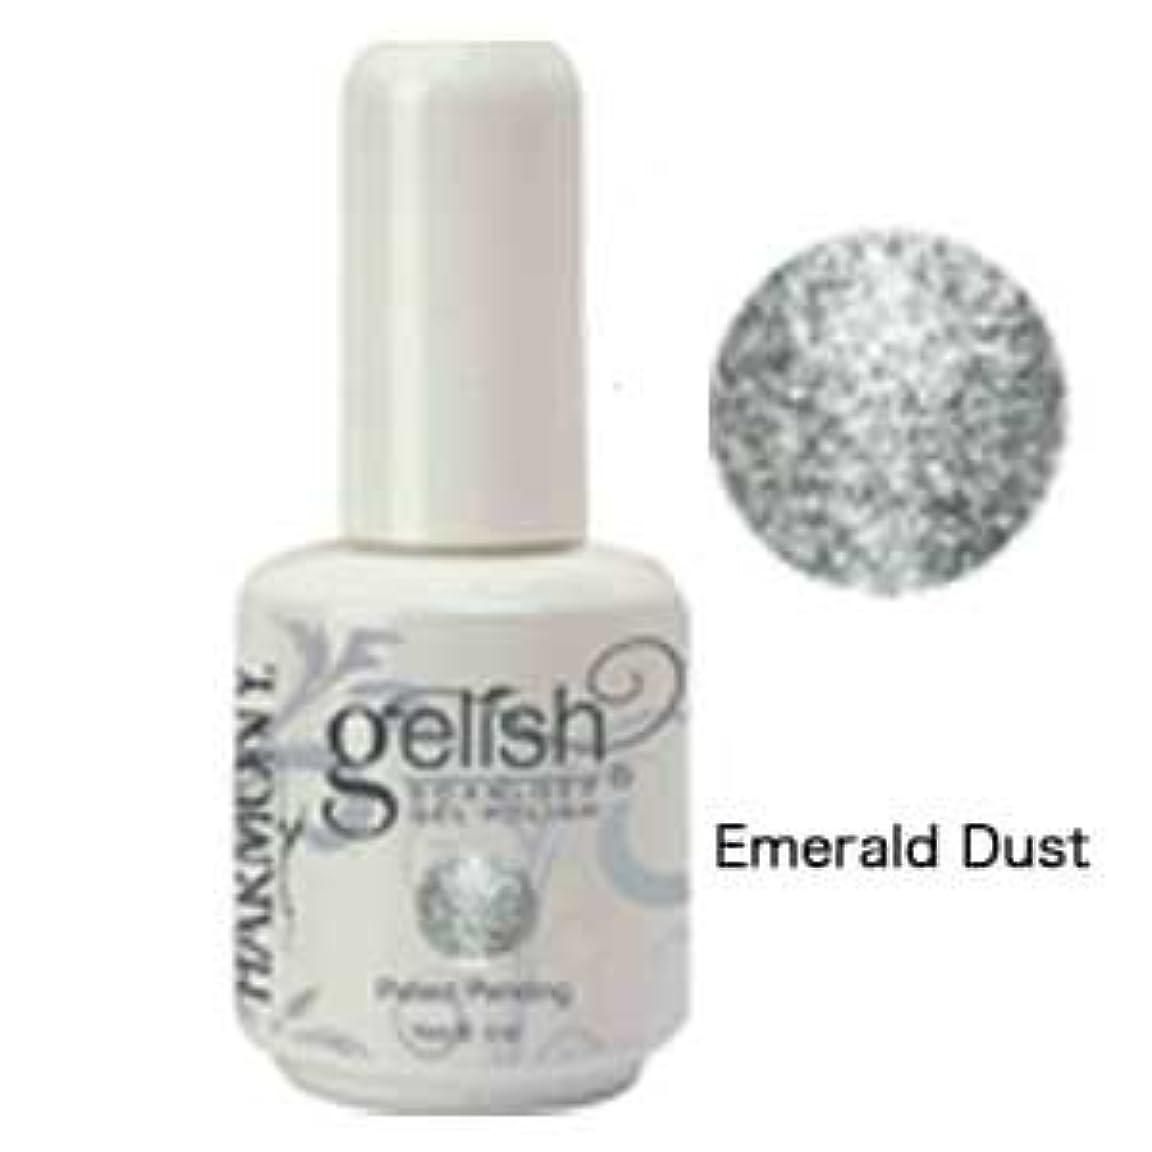 発言するペスト葉を拾うHarmony gelishソークオフジェル-Emerald Dust 15ml [海外直送品][並行輸入品]